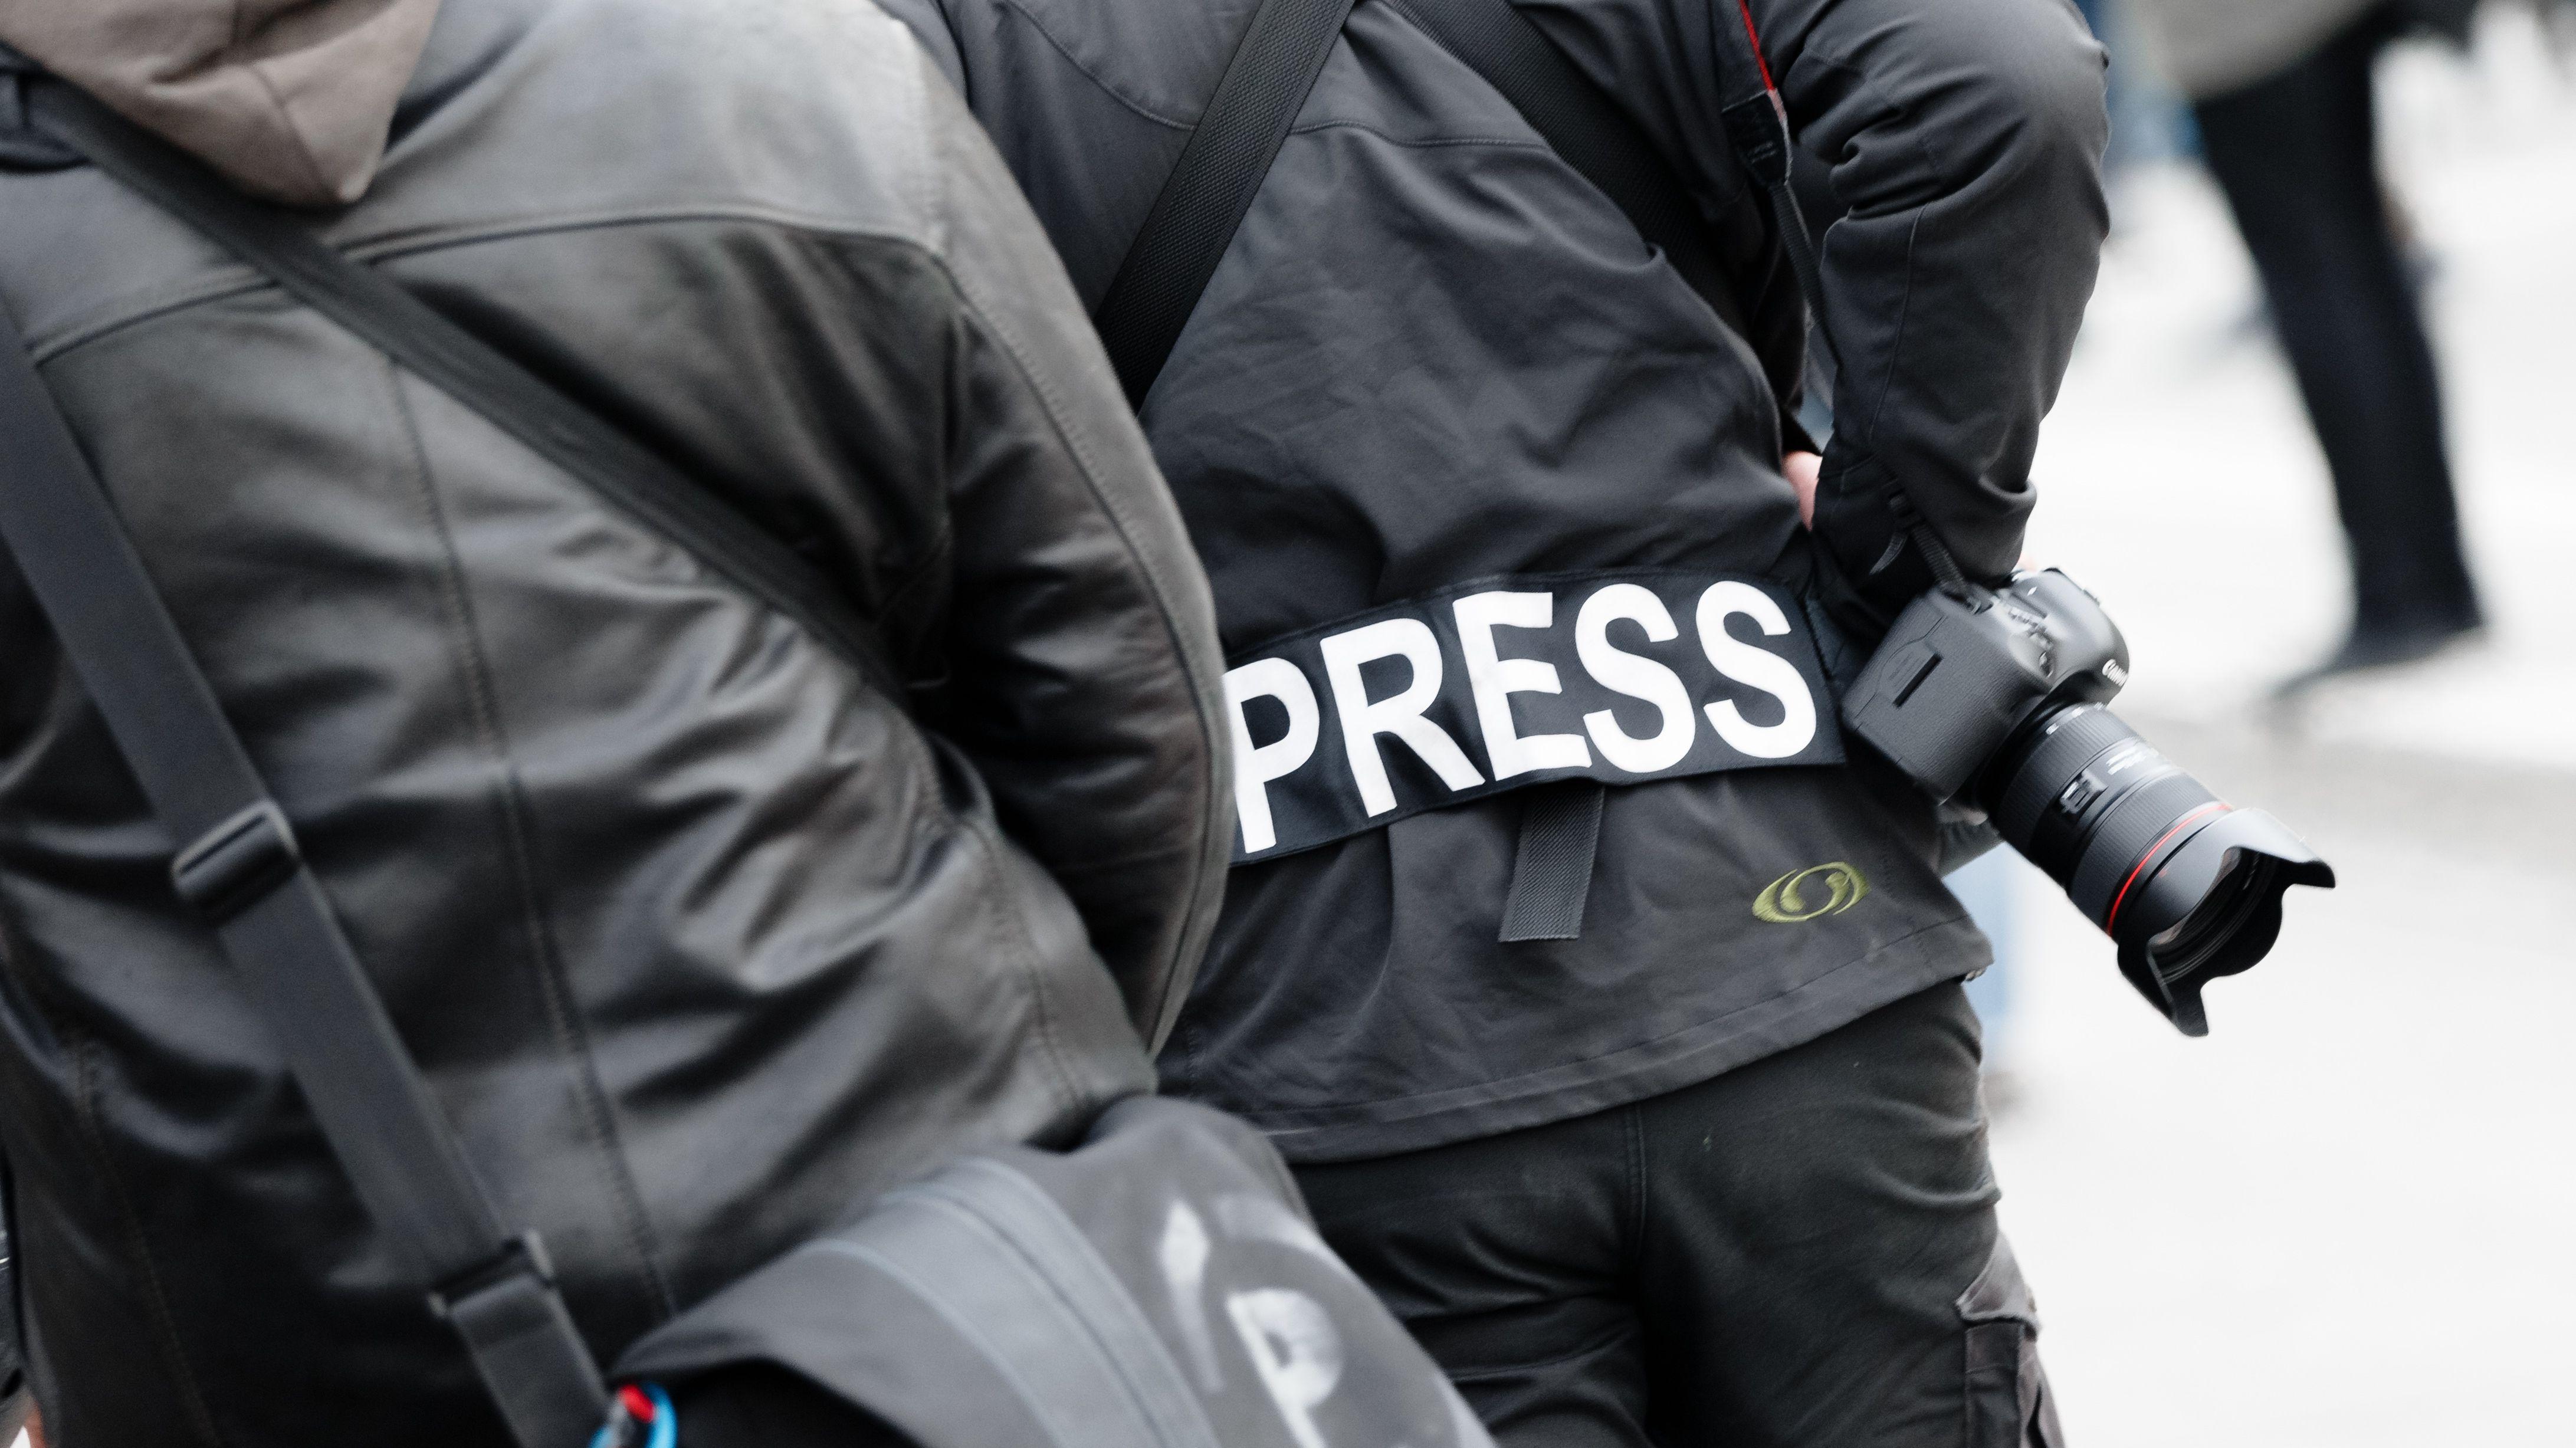 """Ein Fotoreporter trägt auf einer Demonstration in Hamburg einen Aufnäher mit dem Text """"Press"""" auf seiner Jacke."""